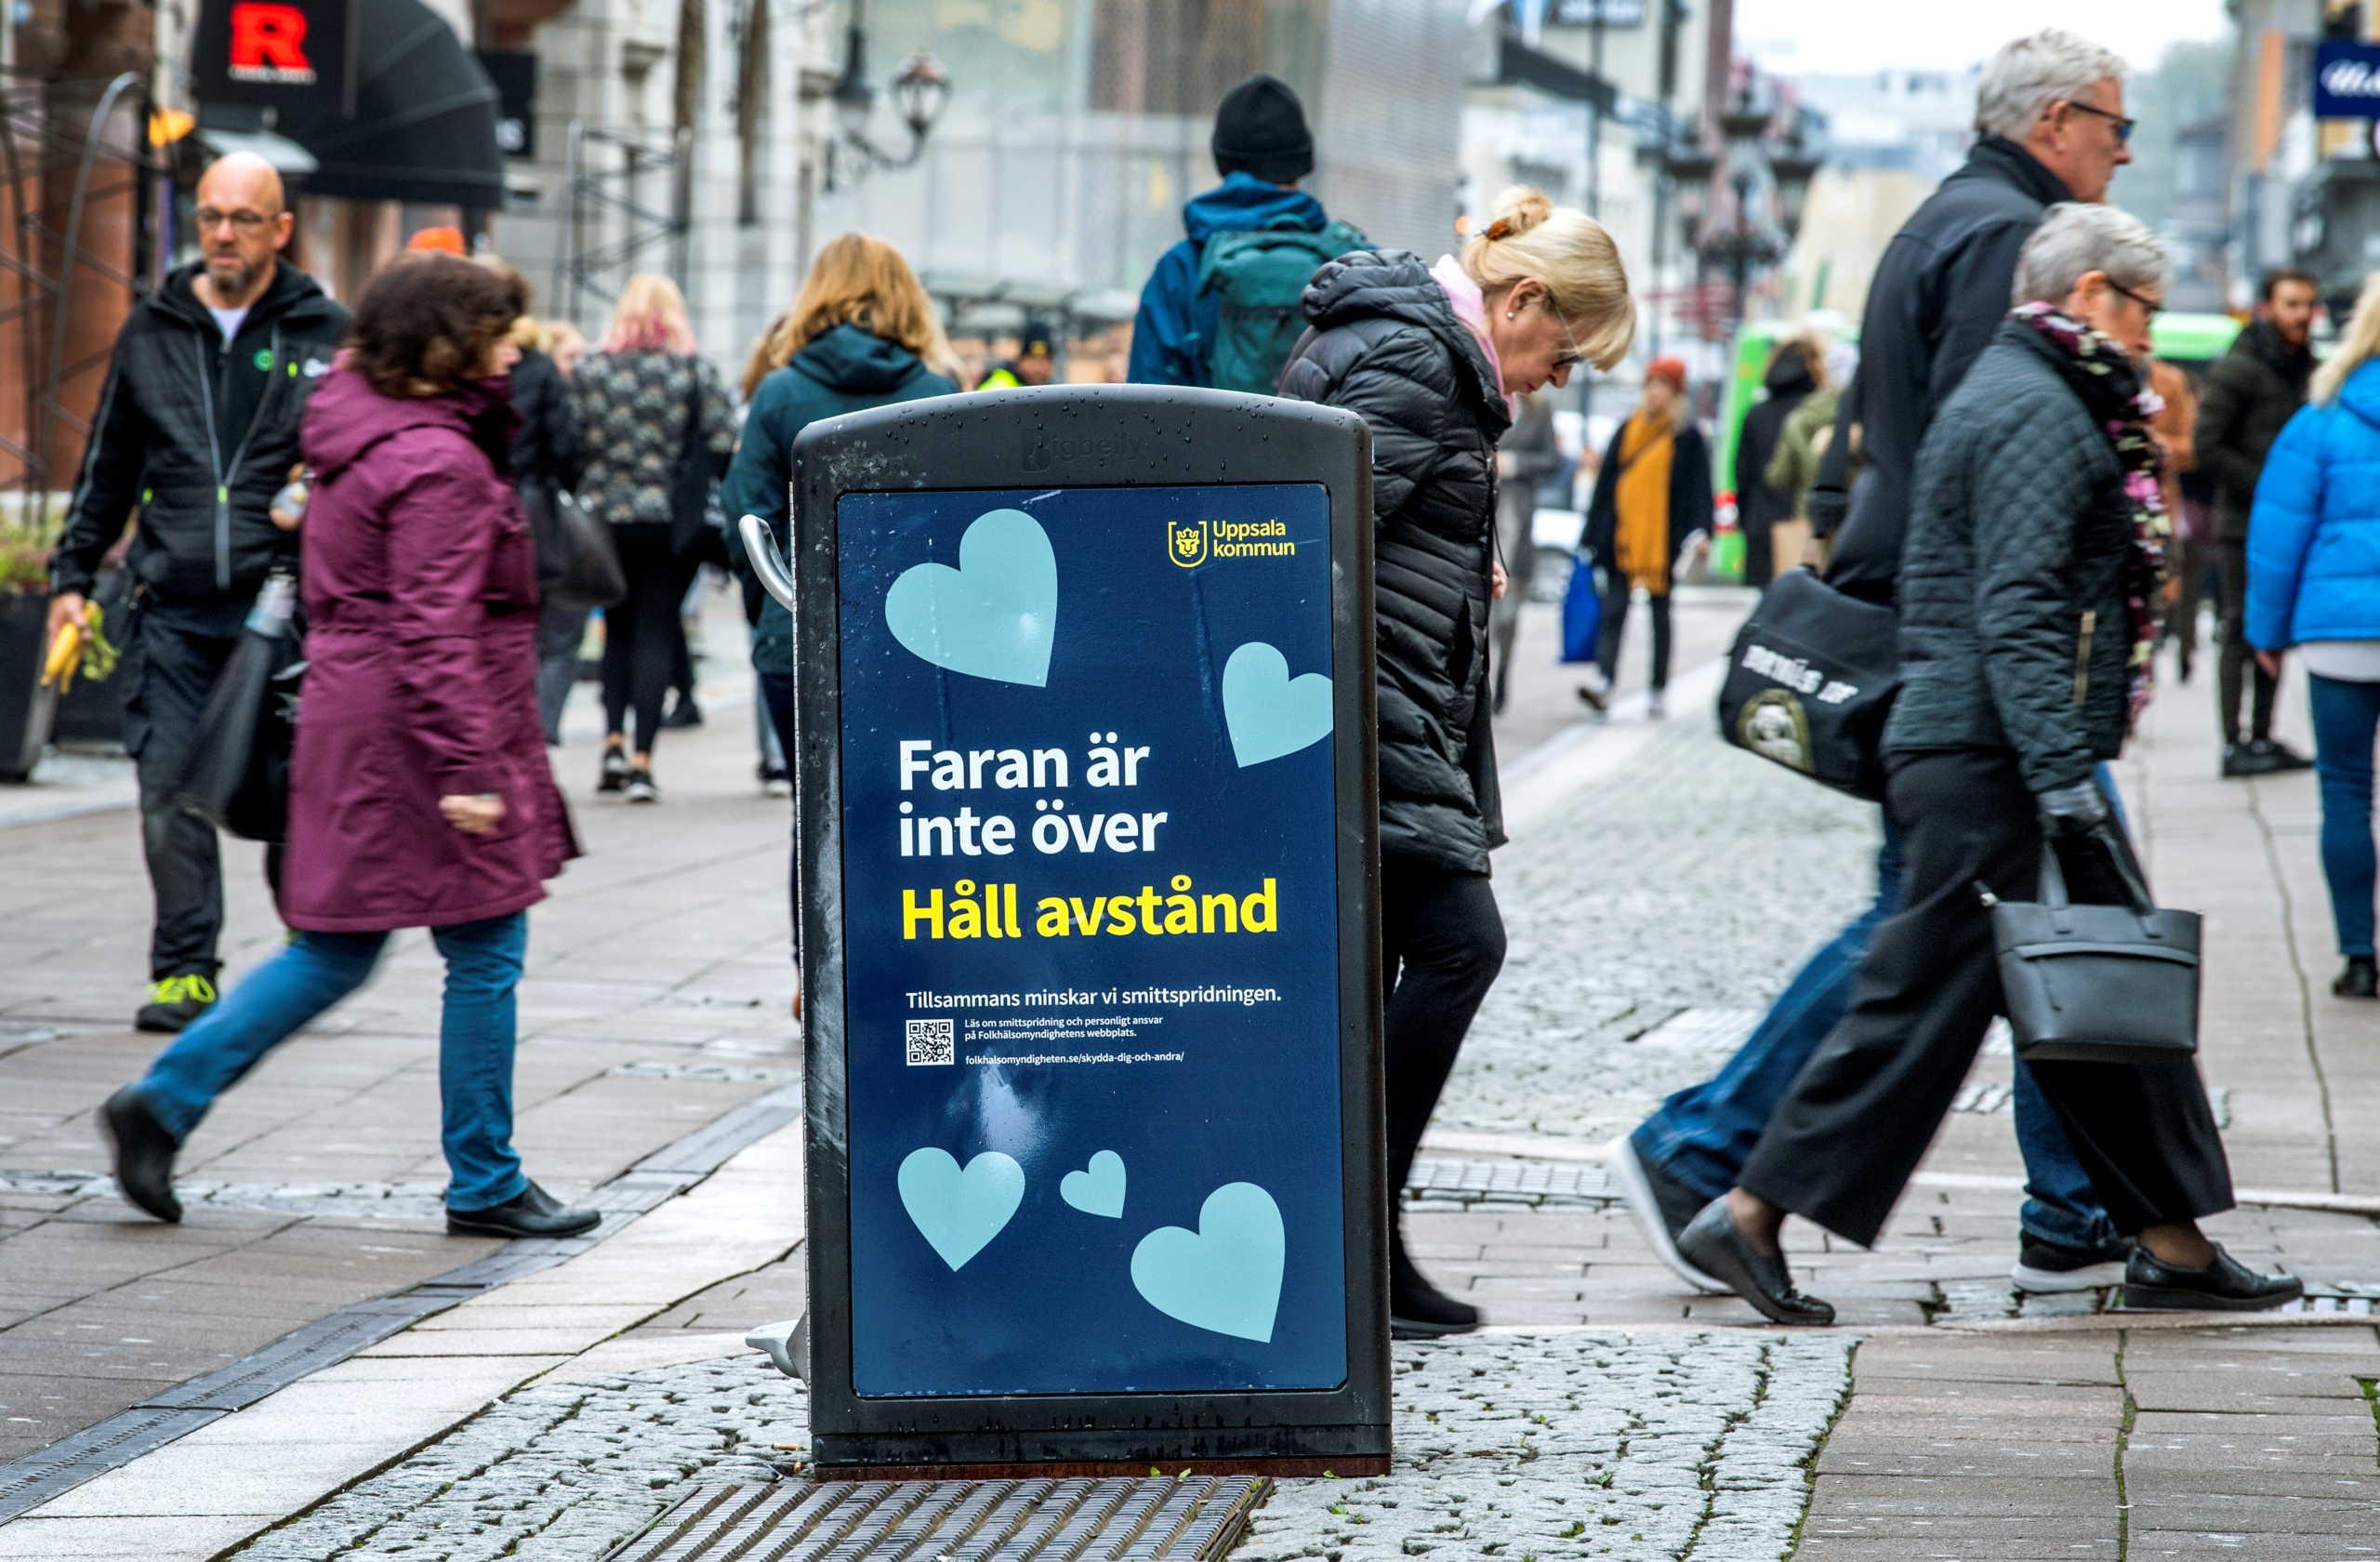 Κορονοϊός: «Γονατίζουν» τα νοσοκομεία στη Σουηδία: Διπλασιάστηκαν οι ασθενείς στις ΜΕΘ